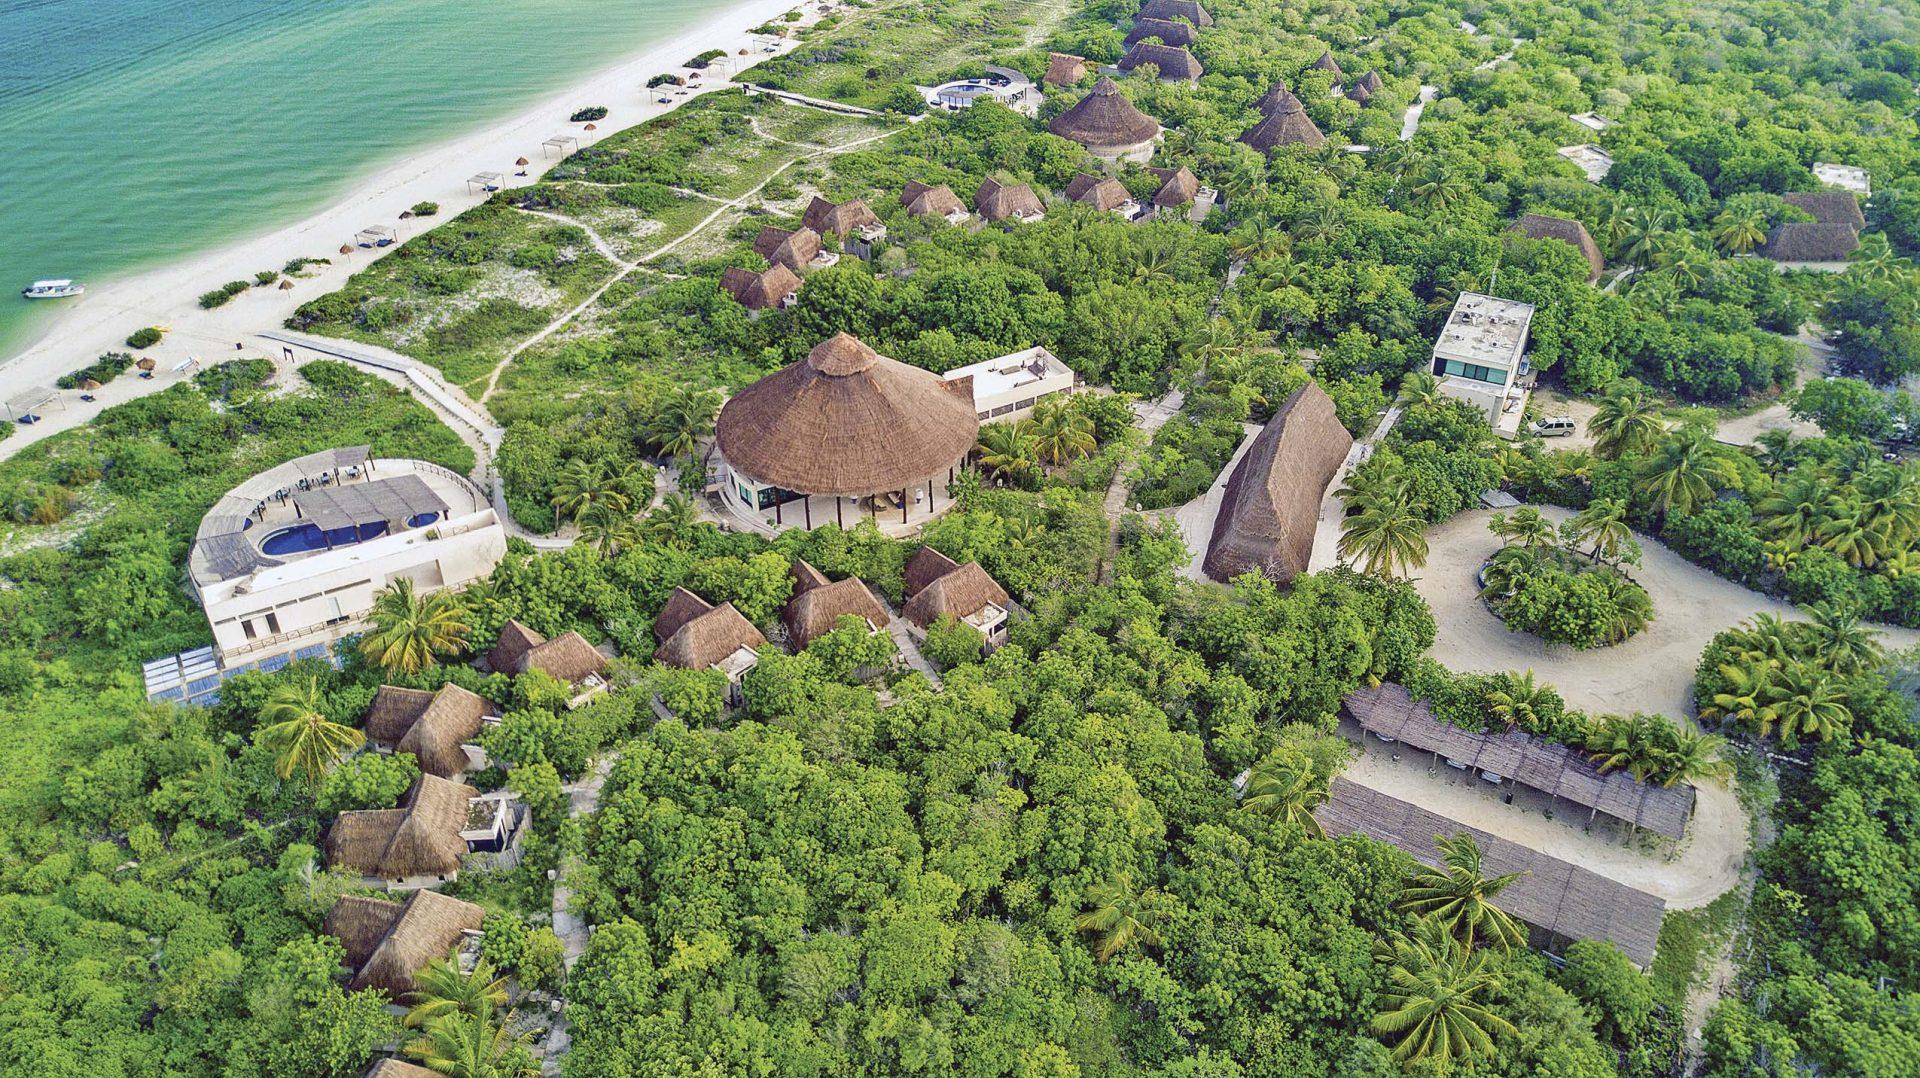 Xixim Unique Mayan Hotel, santuario de selva y mar